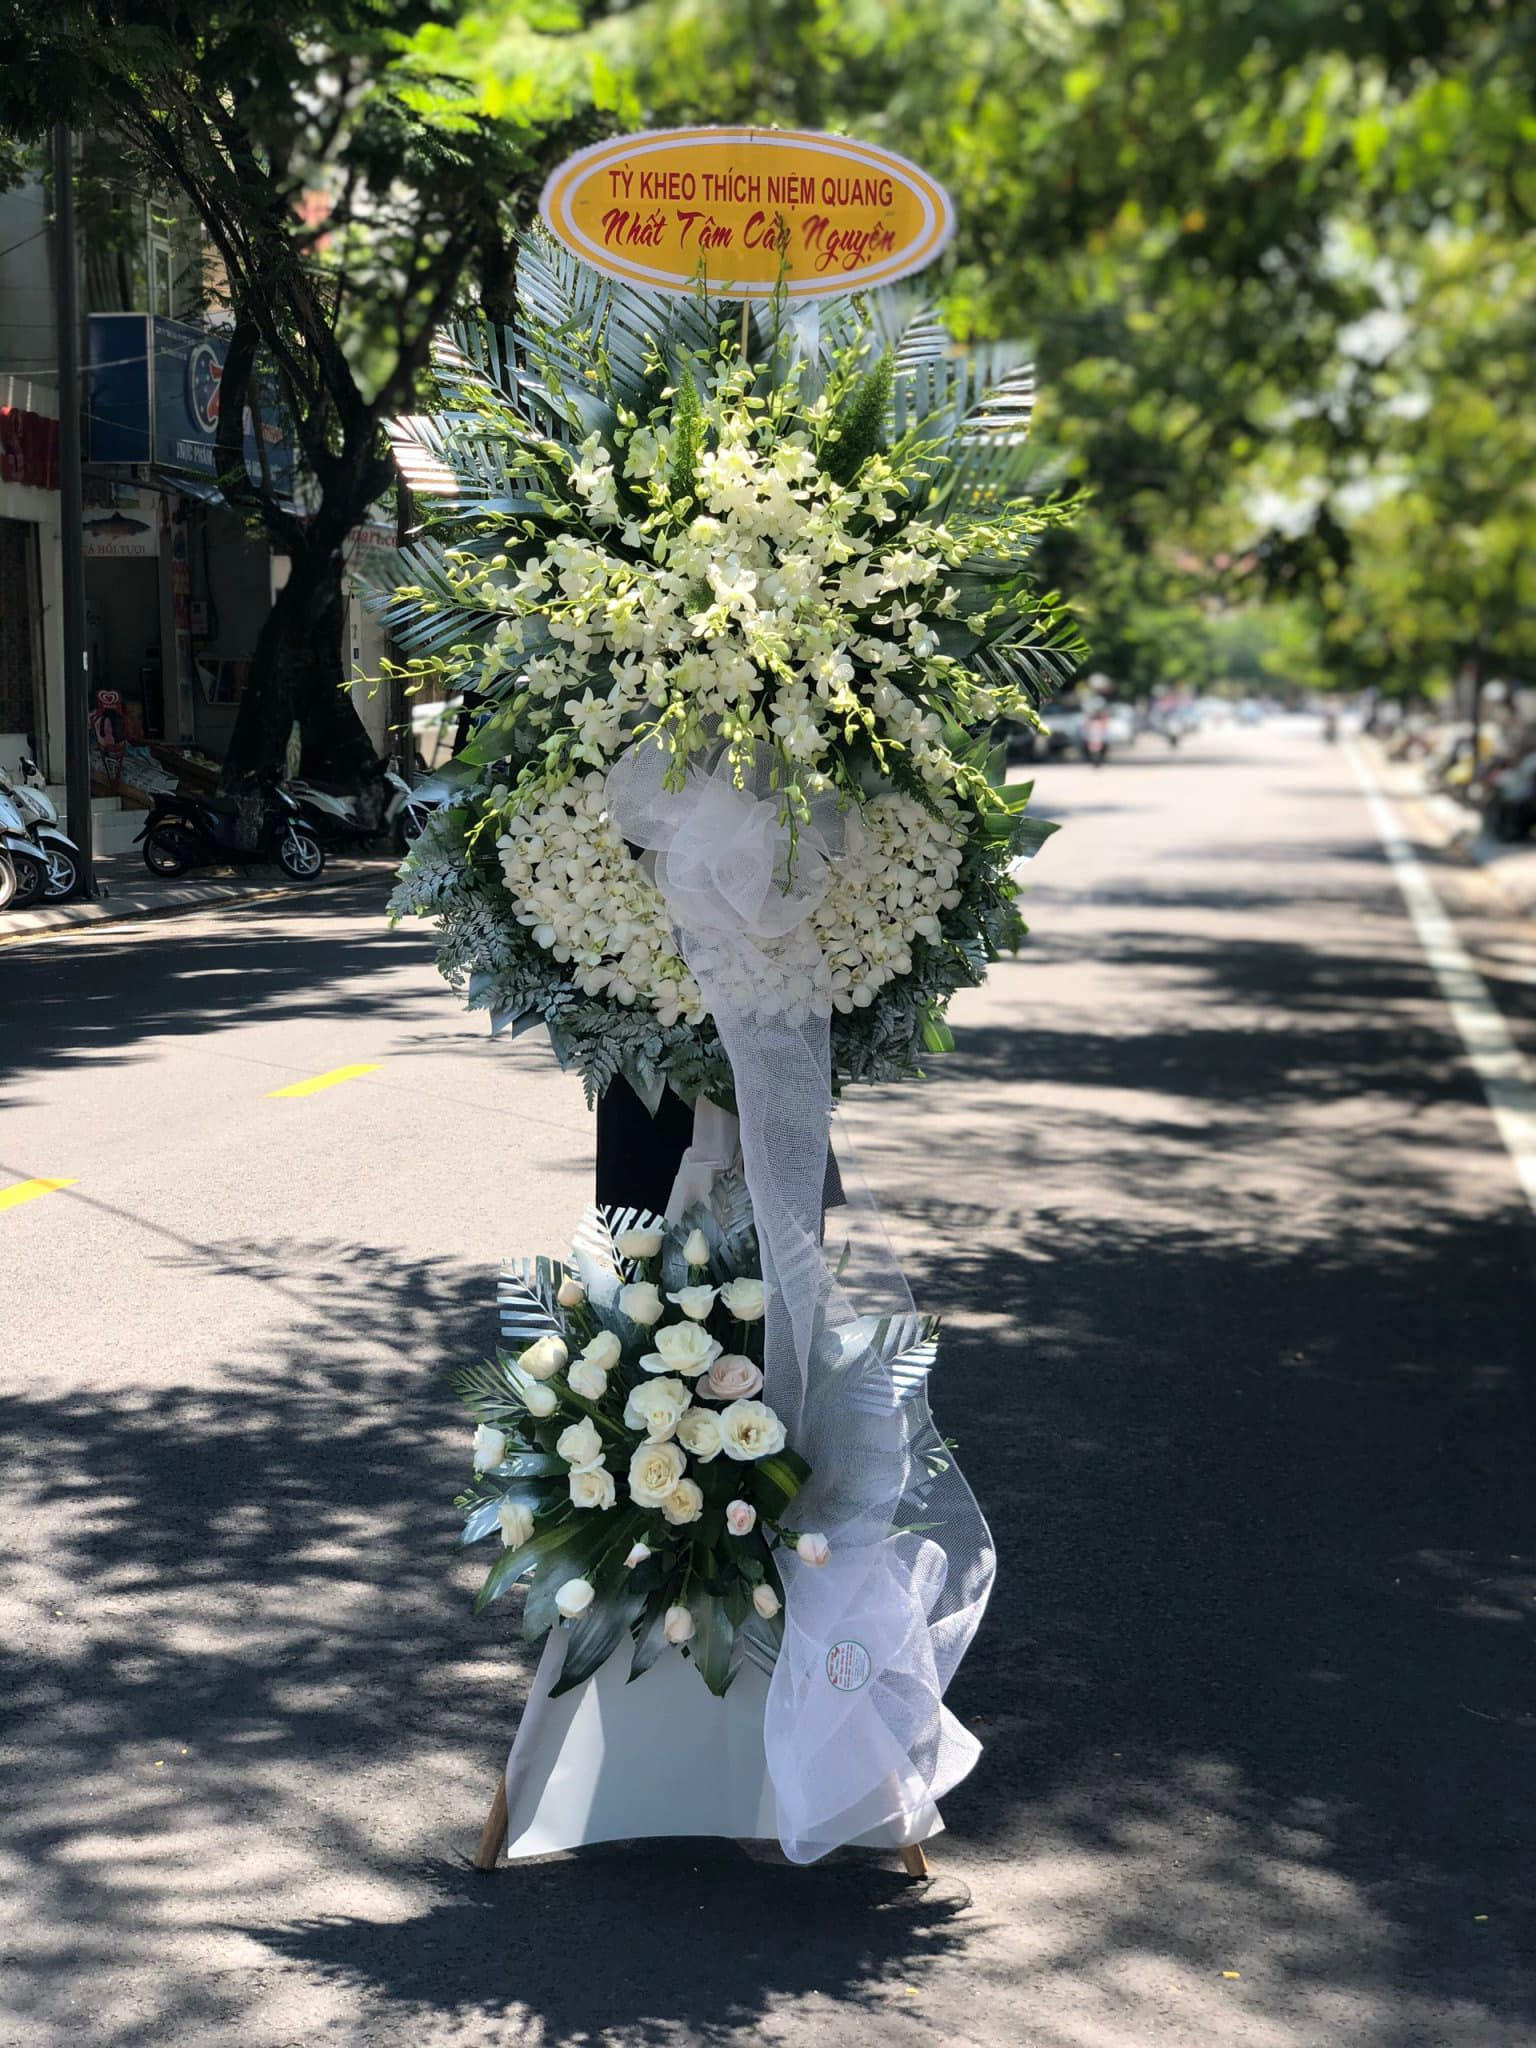 Shop hoa tươi thành phố Huế